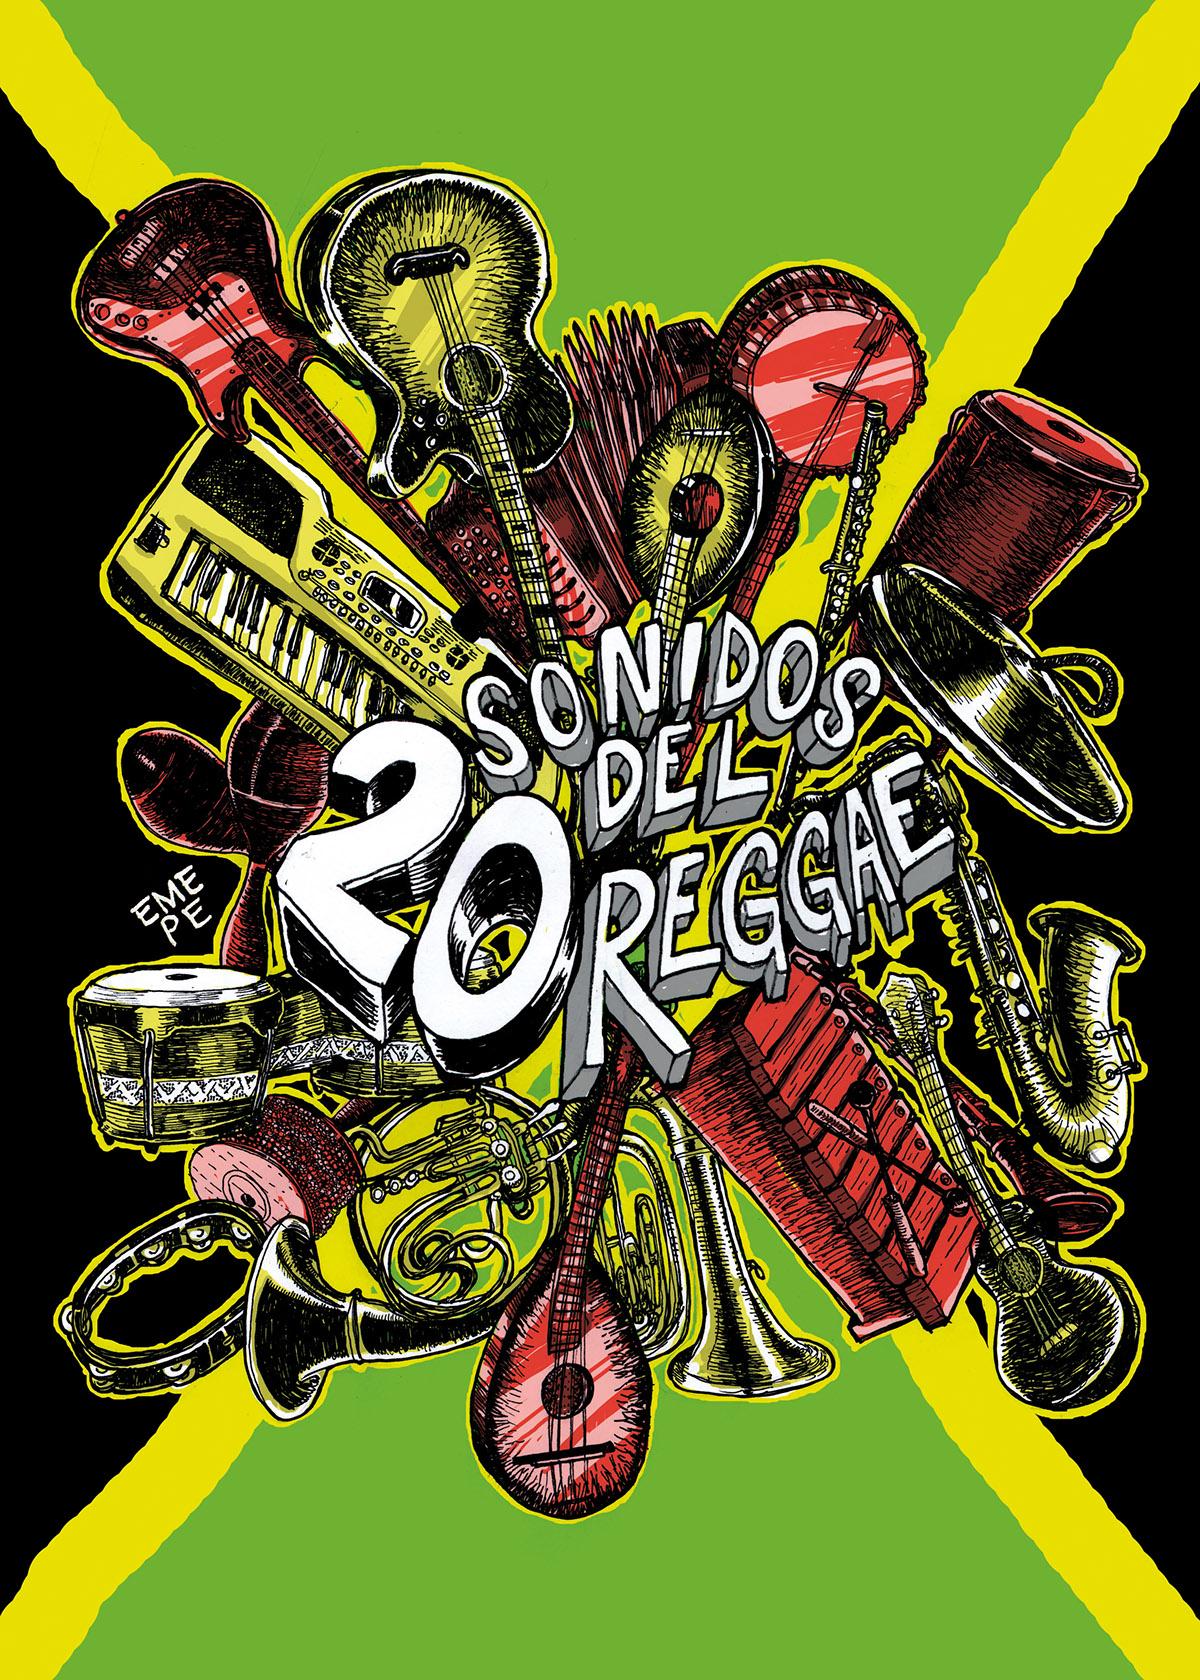 20 Sonidos del Reggae Ca398de2604b16748aeef756e0001459